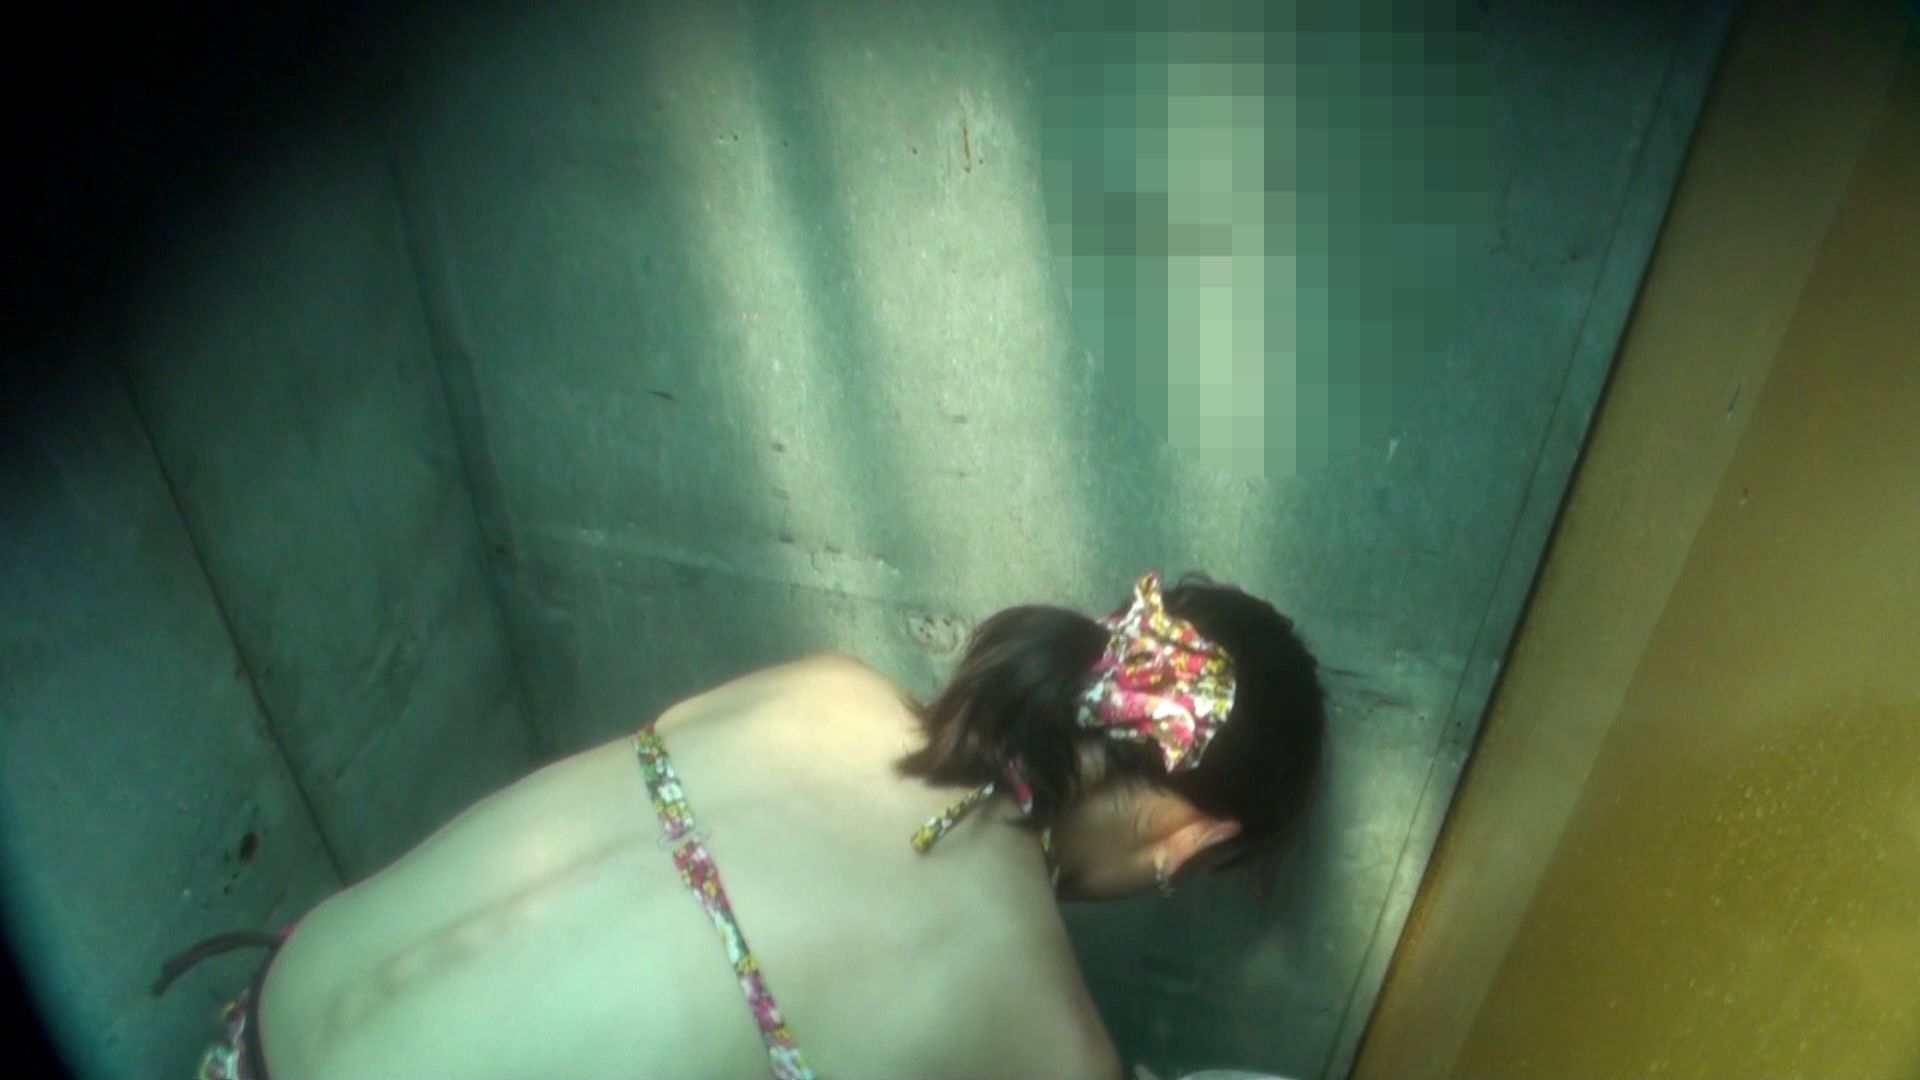 シャワールームは超!!危険な香りVol.16 意外に乳首は年増のそれ シャワー おめこ無修正動画無料 108画像 107